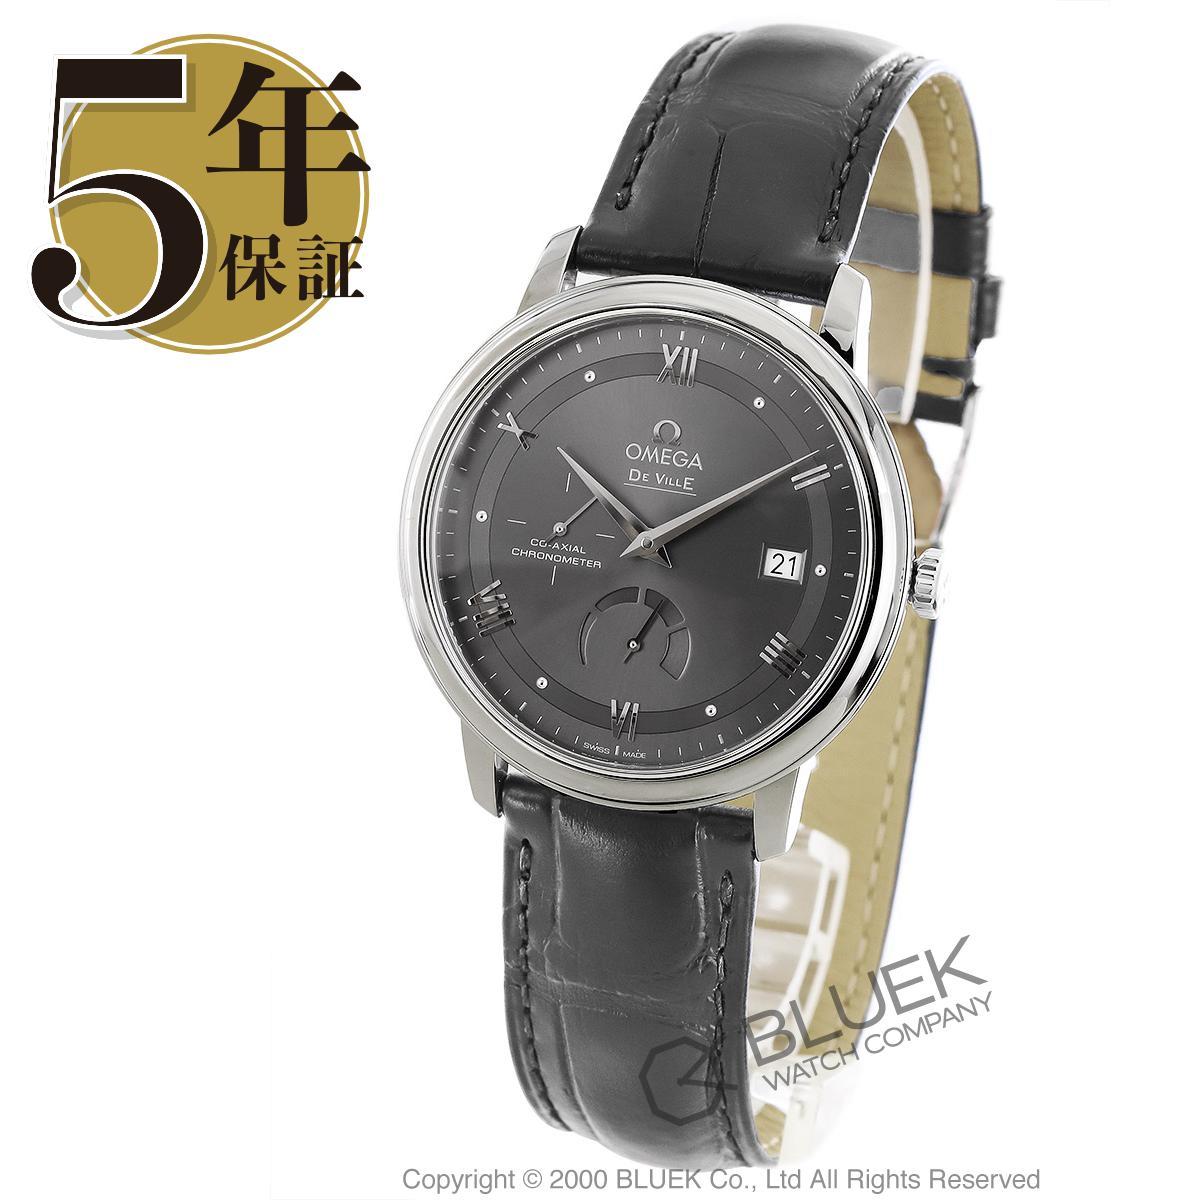 オメガ デビル プレステージ パワーリザーブ アリゲーターレザー 腕時計 メンズ OMEGA 424.13.40.21.06.001_5